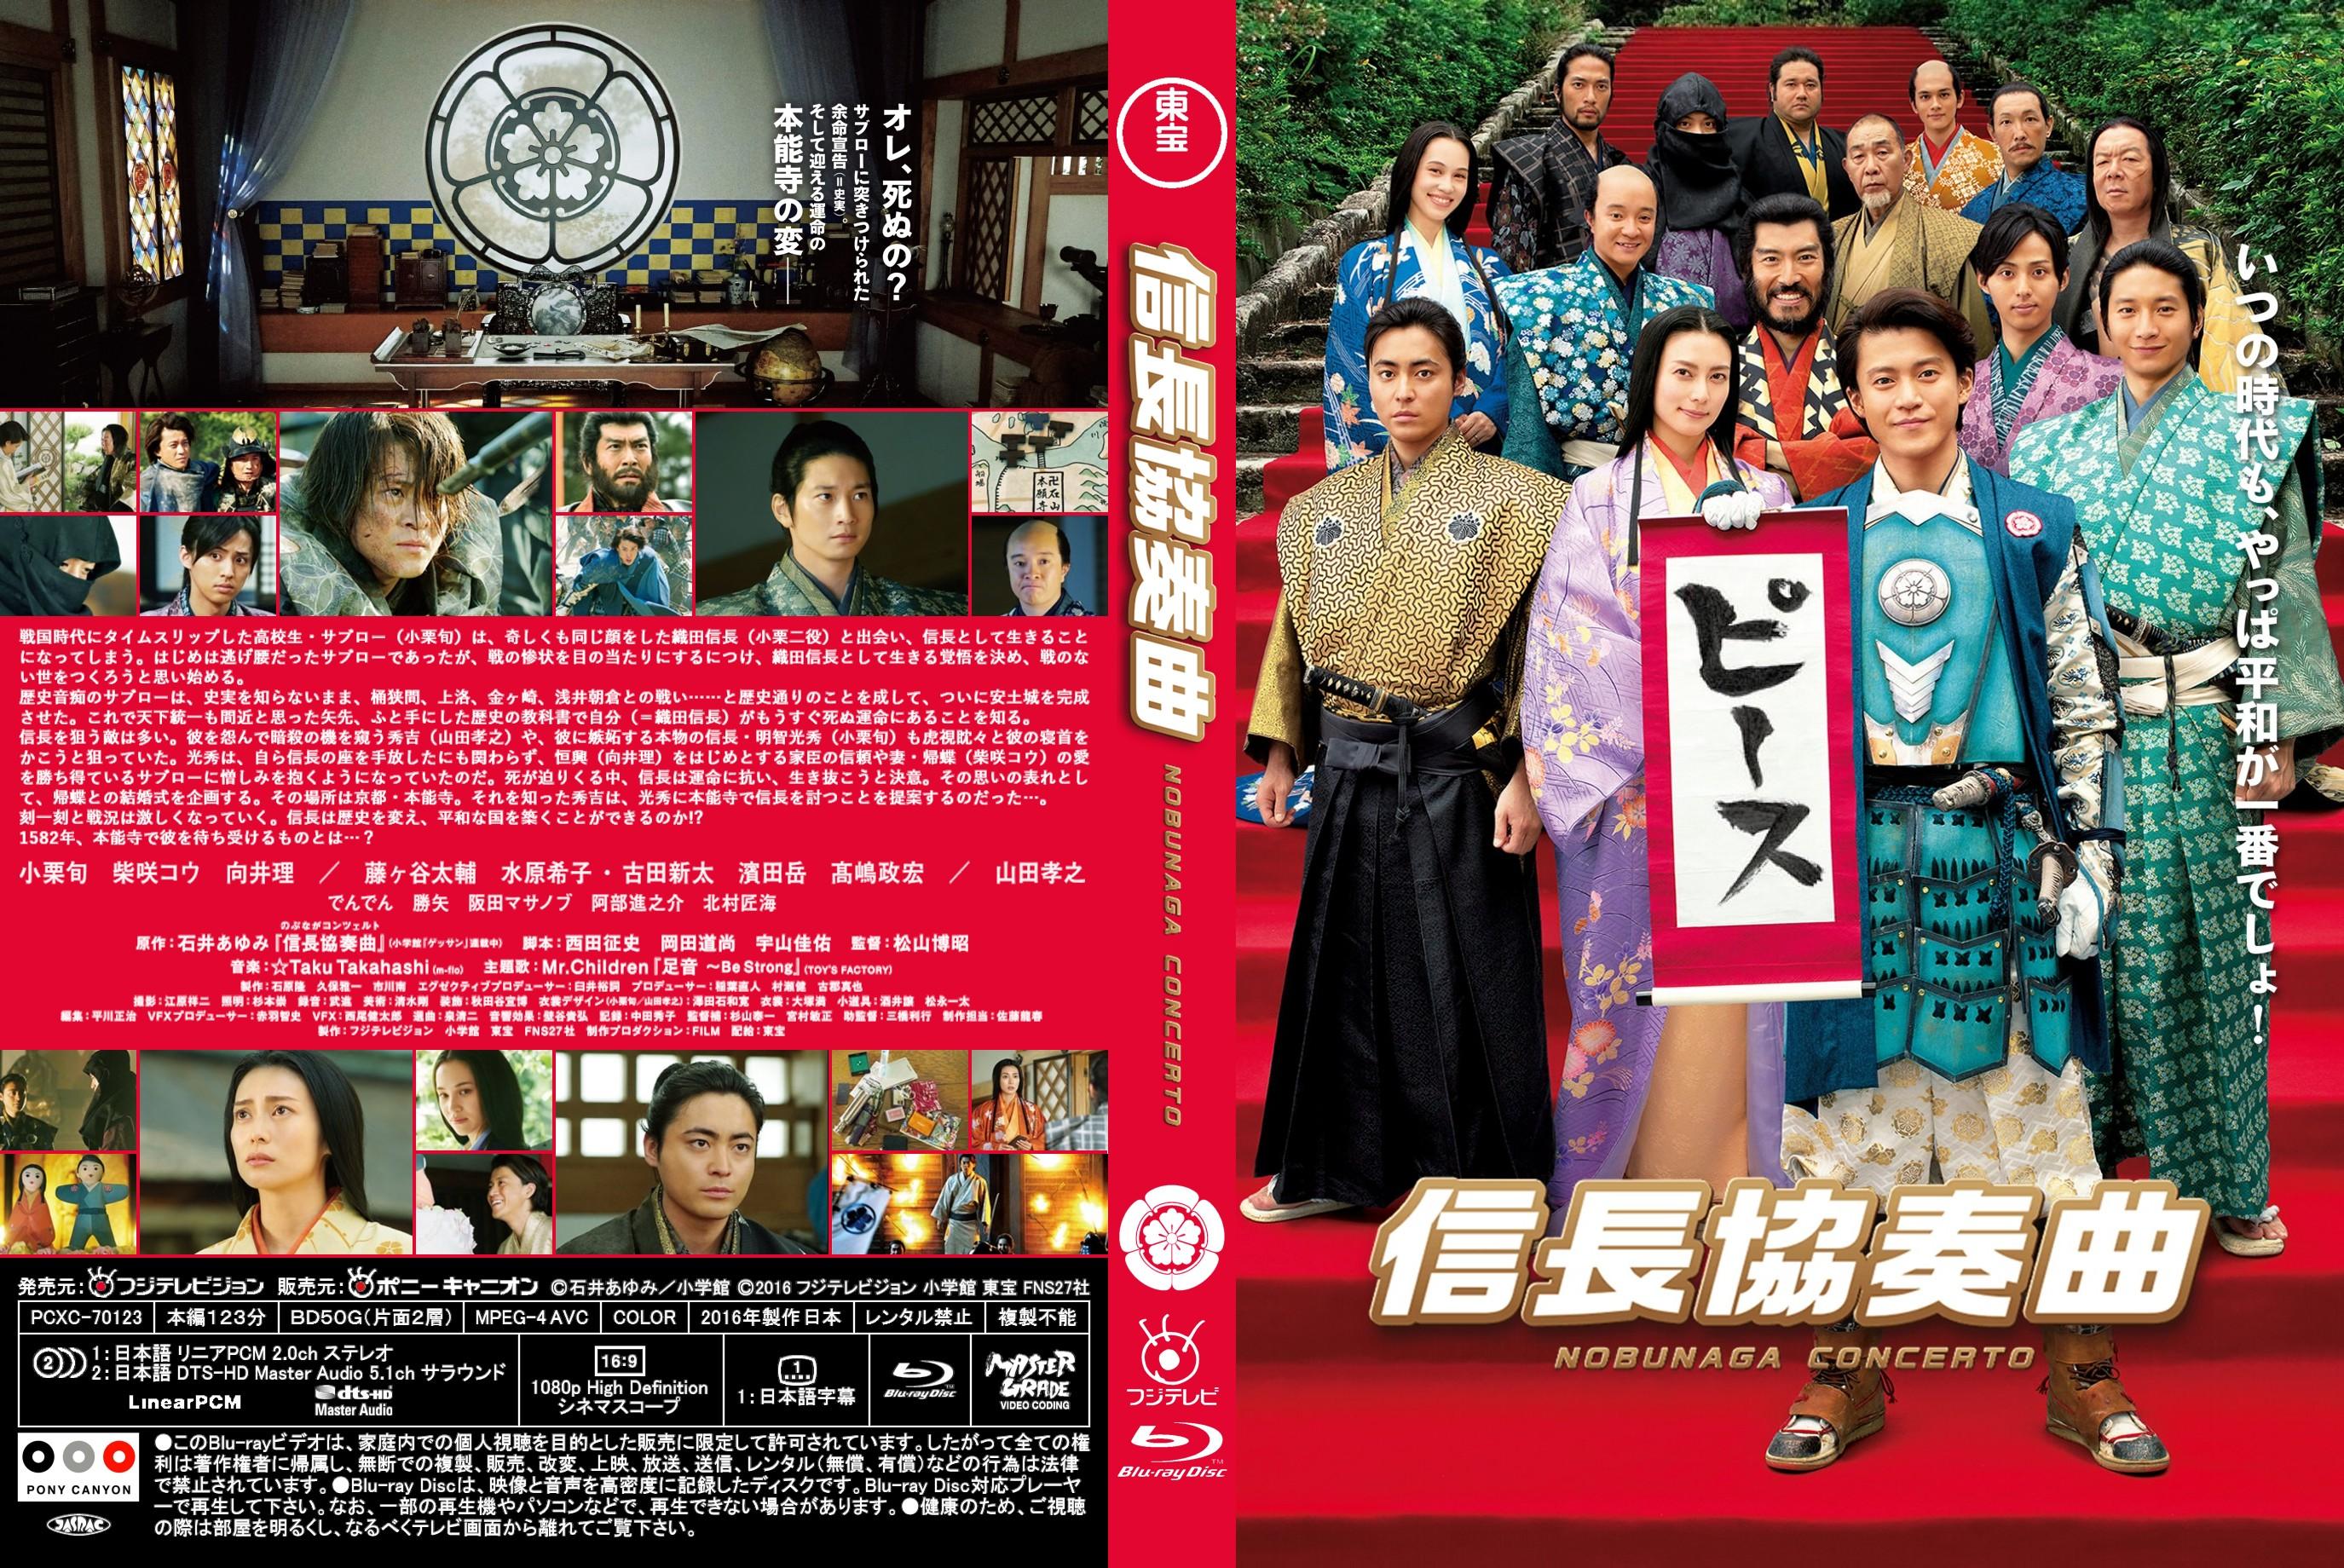 Nobunaga_Con_Movie_t.jpg